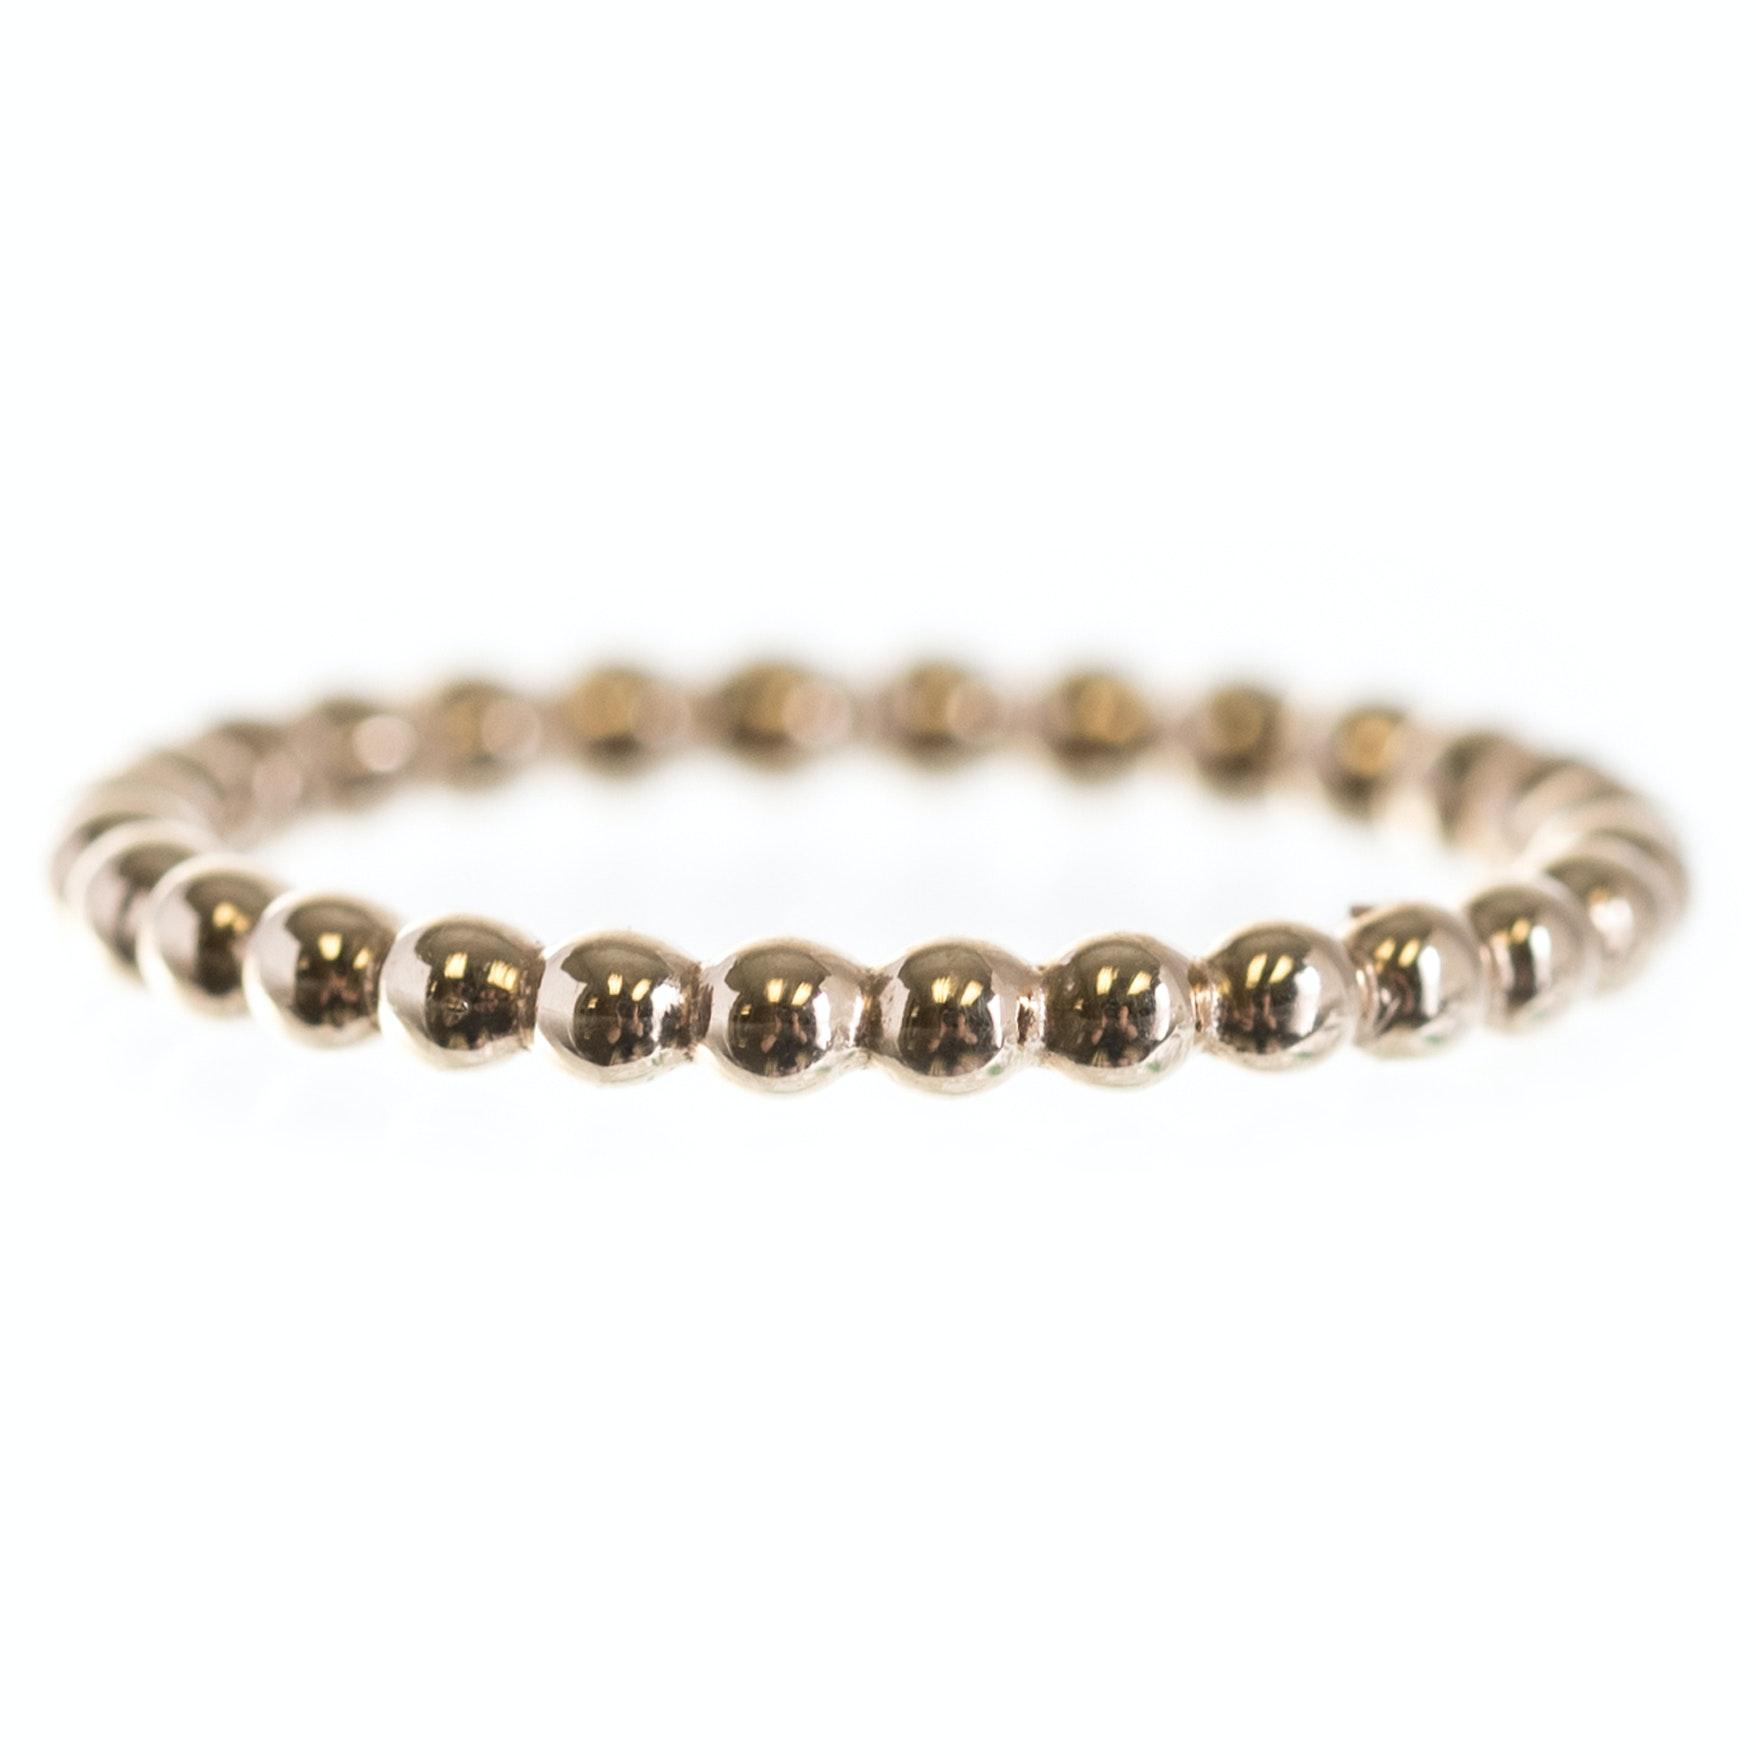 Pandora 14K Yellow Gold Bead Ring